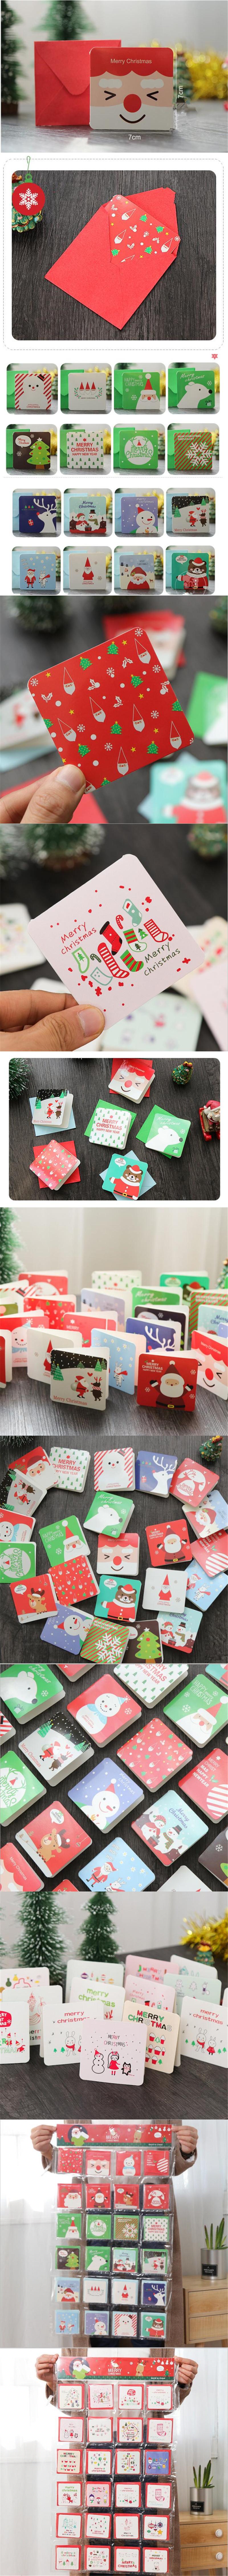 Diy Diseño Elegante De Felicitación De Navidad Tarjetas De Invitación Gracias Deseo De Cumpleaños Tarjetas Con Sobres Para Festival De Año Nuevo Buy